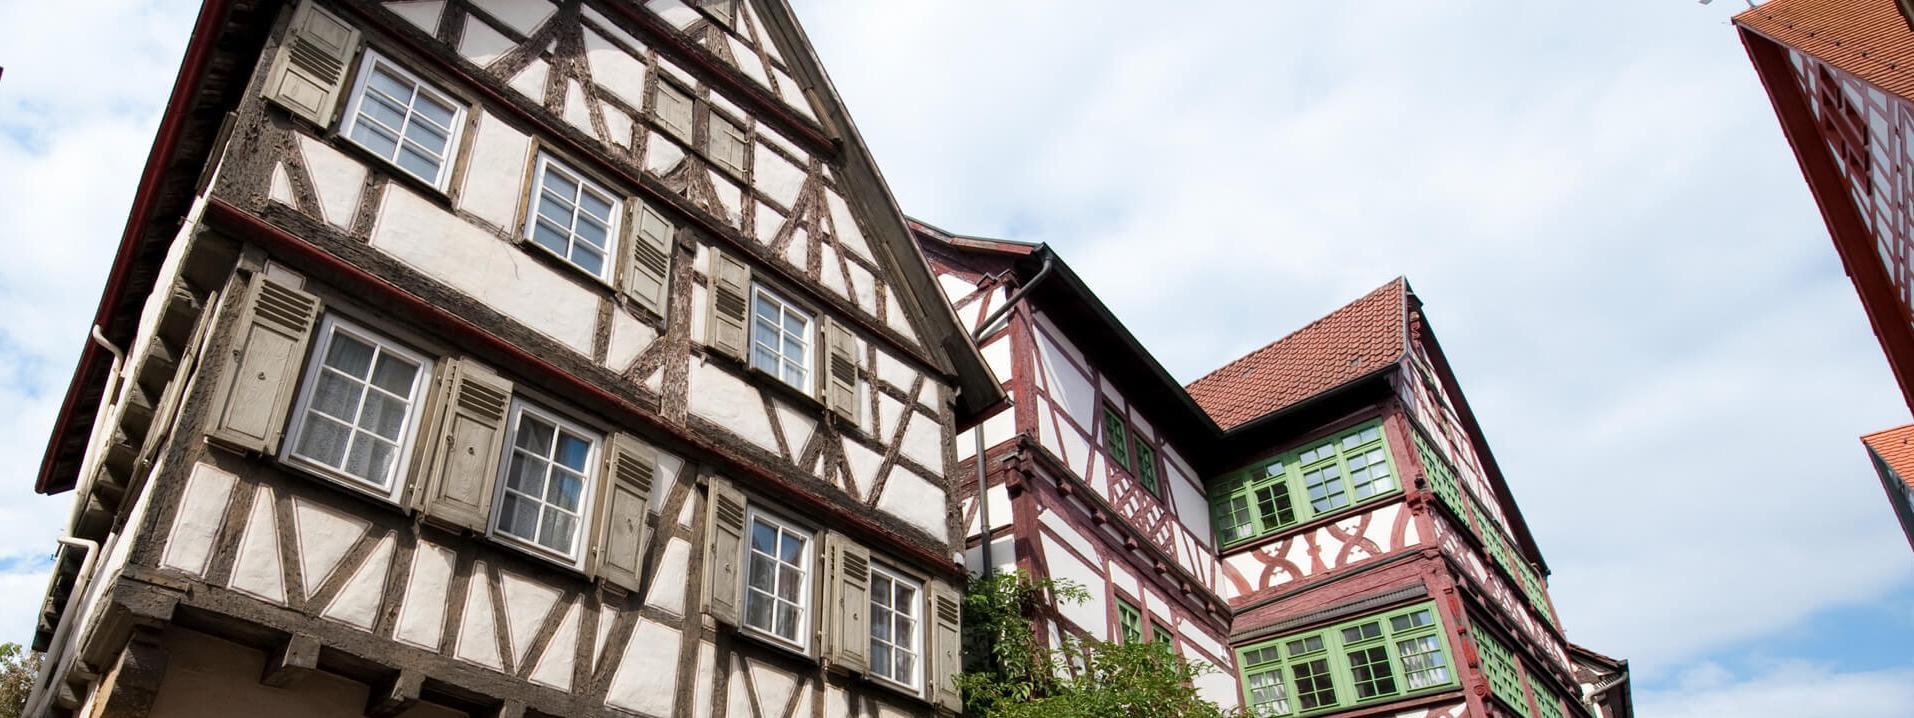 stadt-und-tourismus-02.jpg